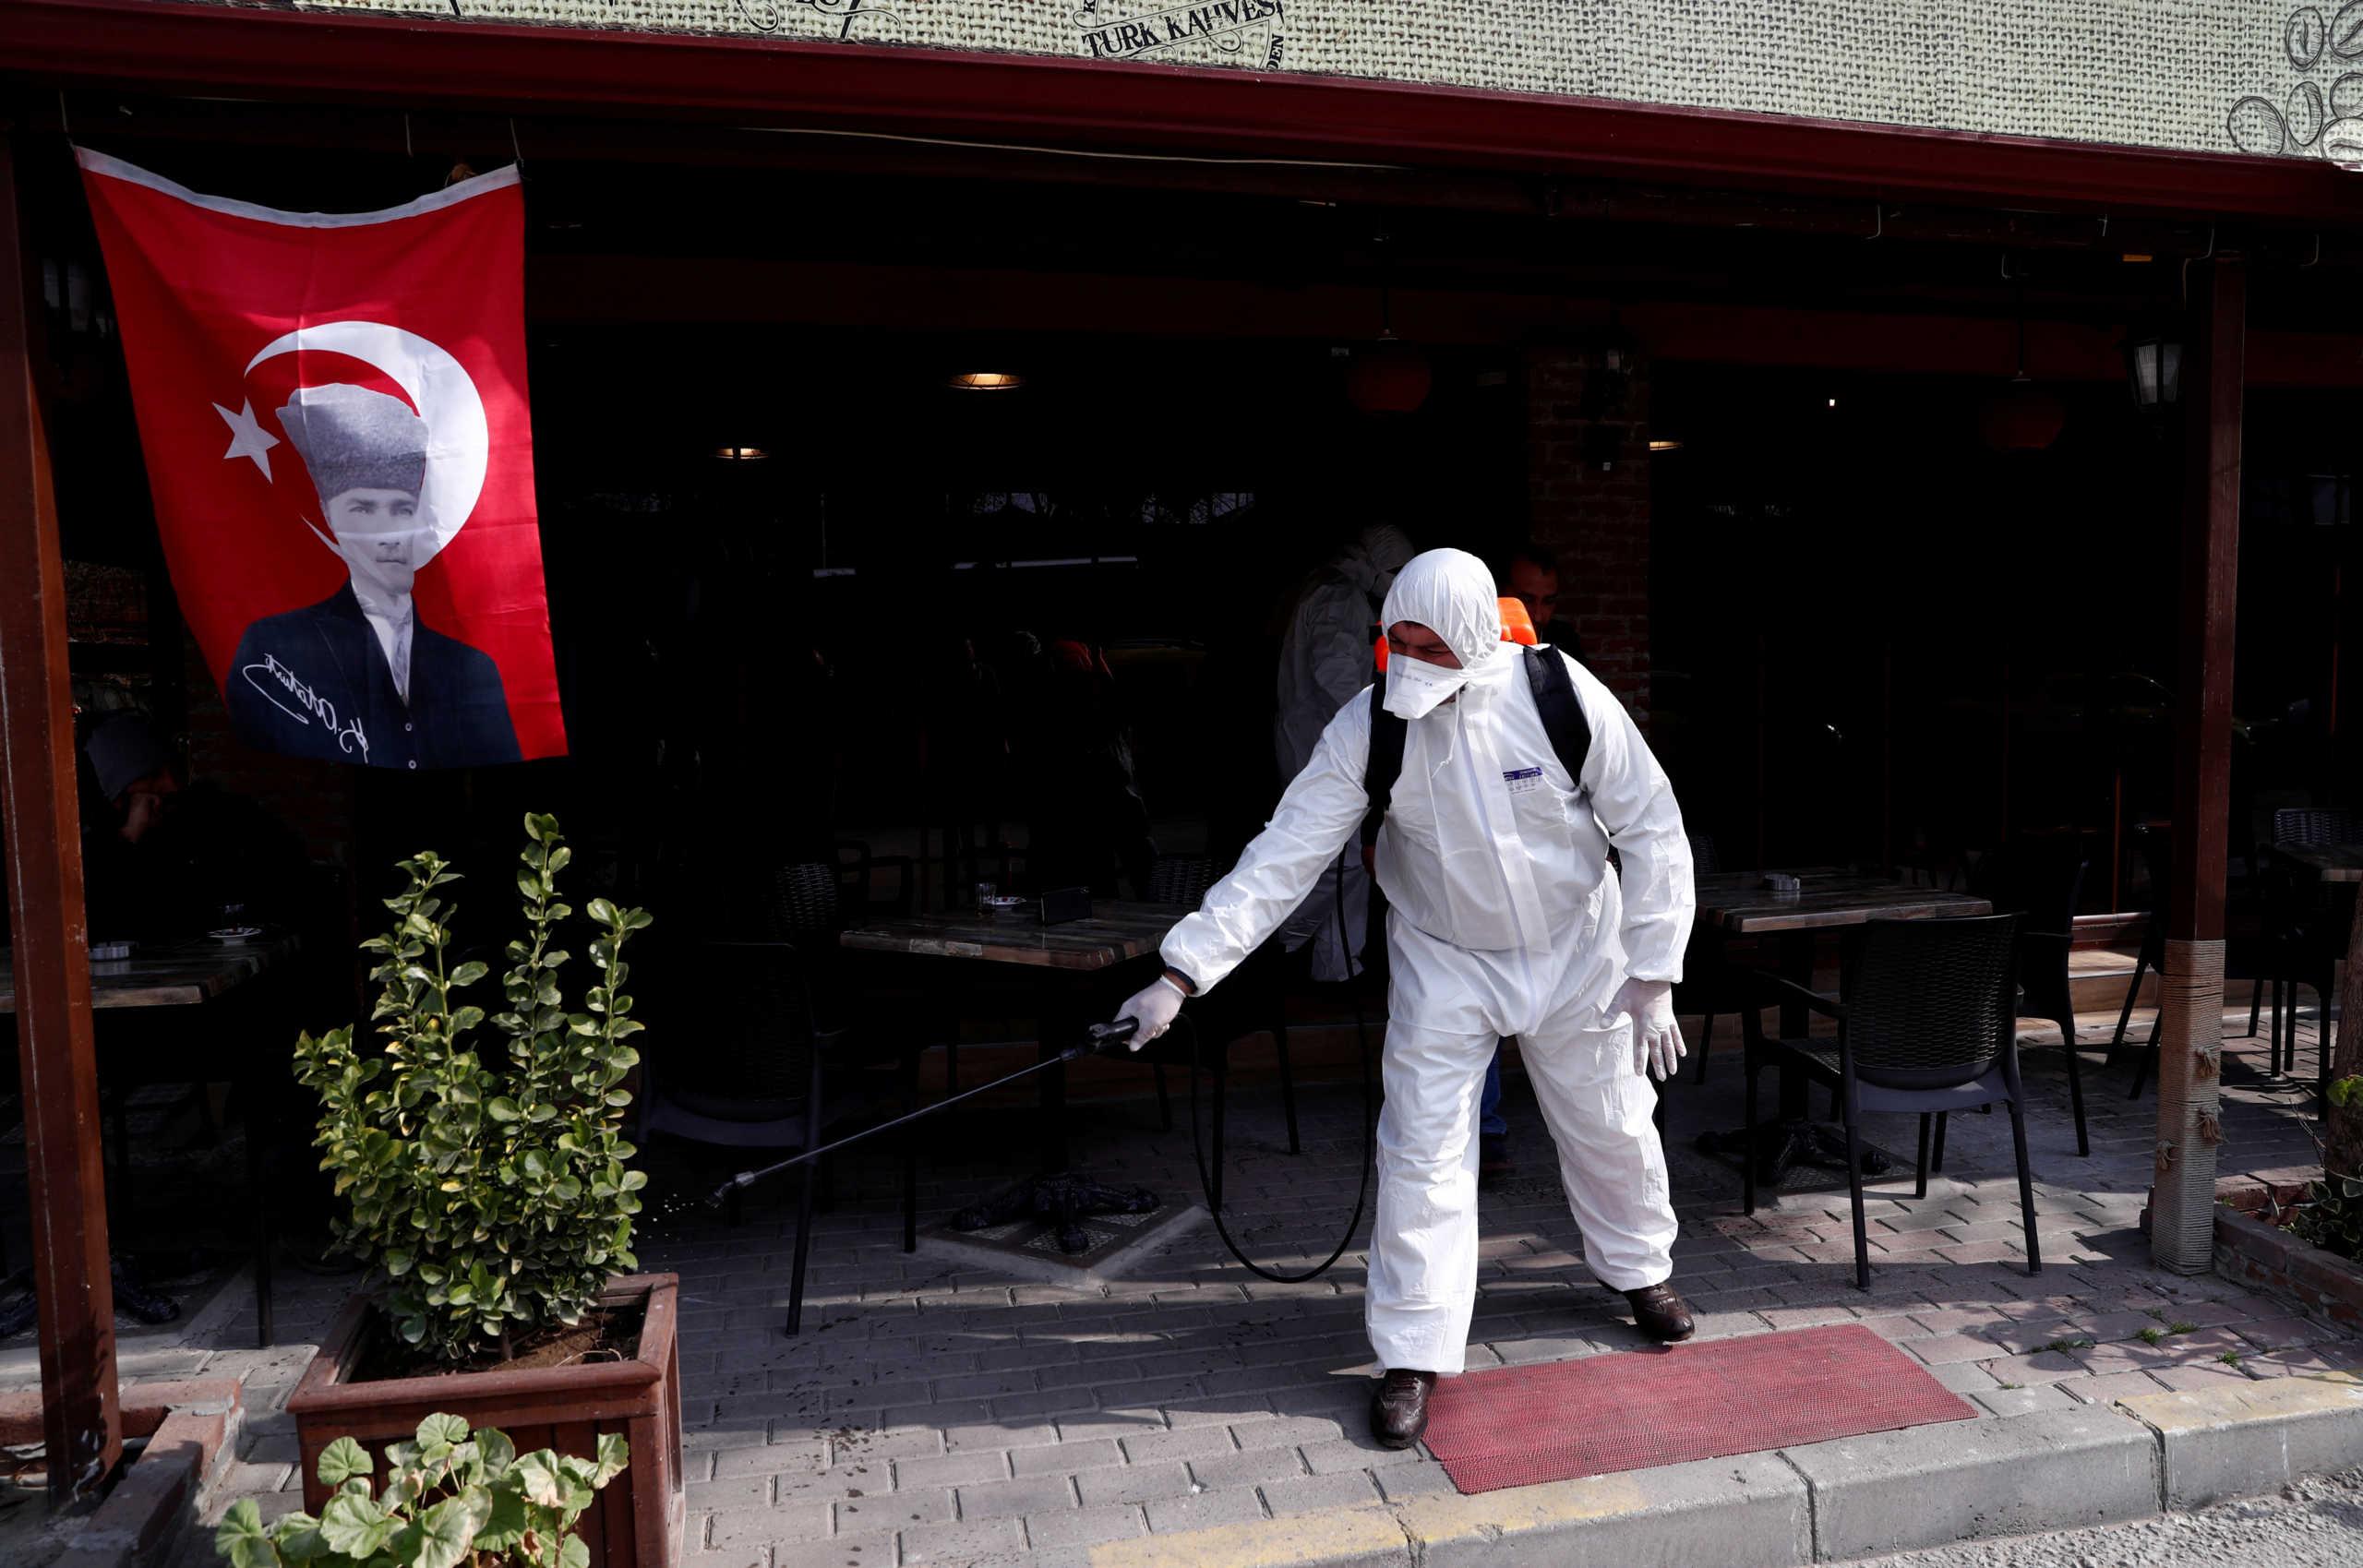 Κορονοϊός: Έκτακτα μέτρα στην Τουρκία! Κλείνουν σχολεία και πανεπιστήμια